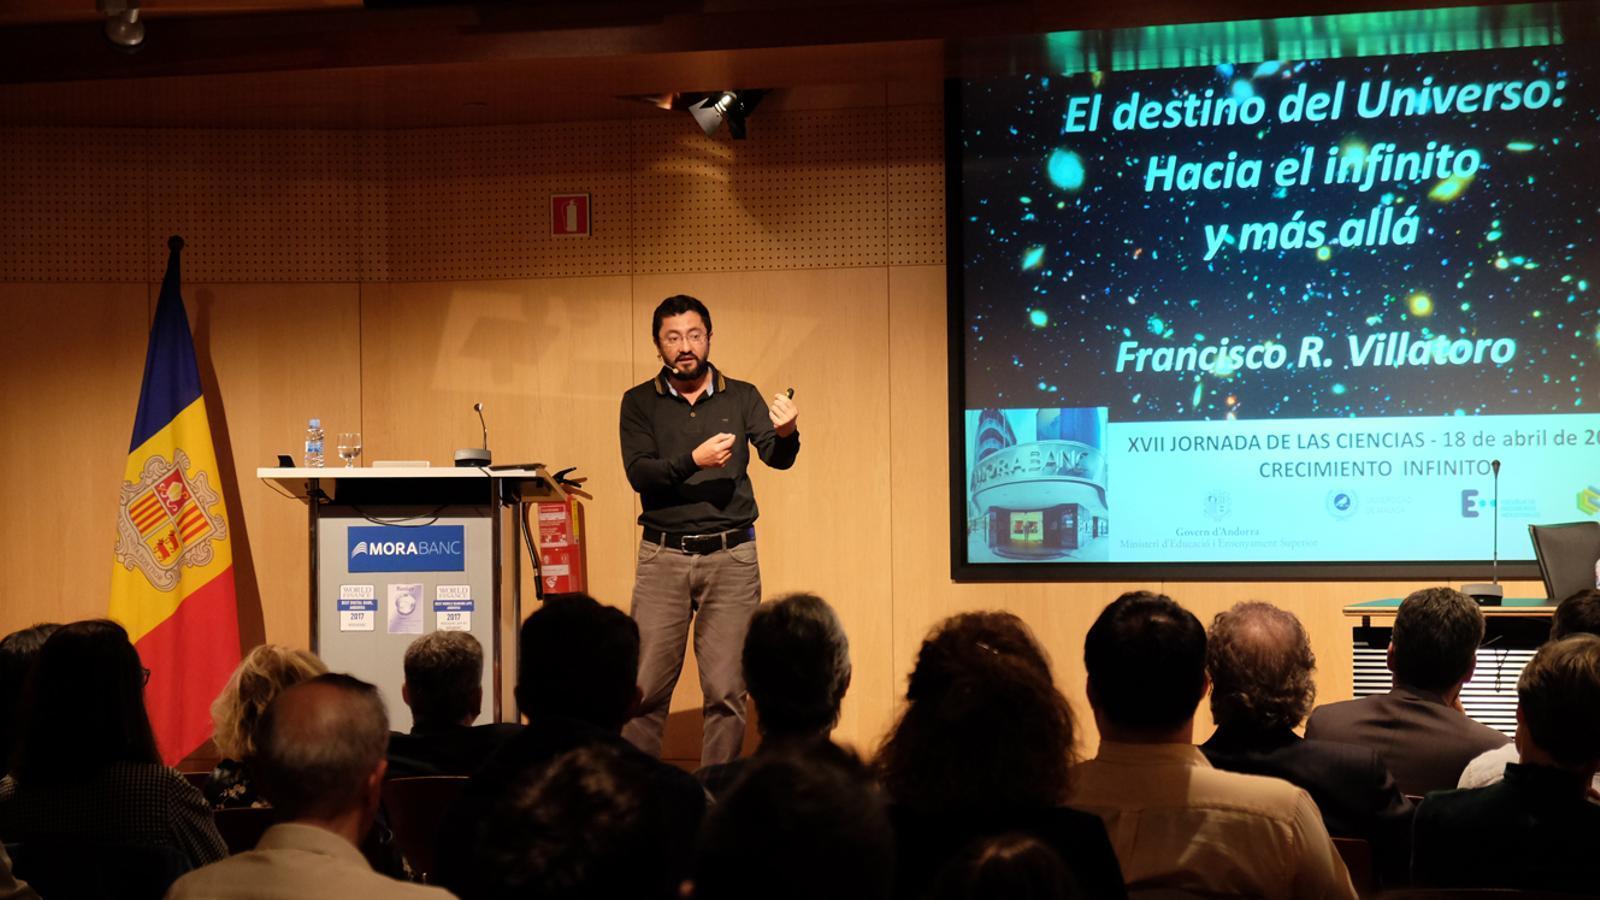 Francisco R. Villatoro durant la conferència enmarcada en la 17a Jornada de les ciències. / M. T. (ANA)